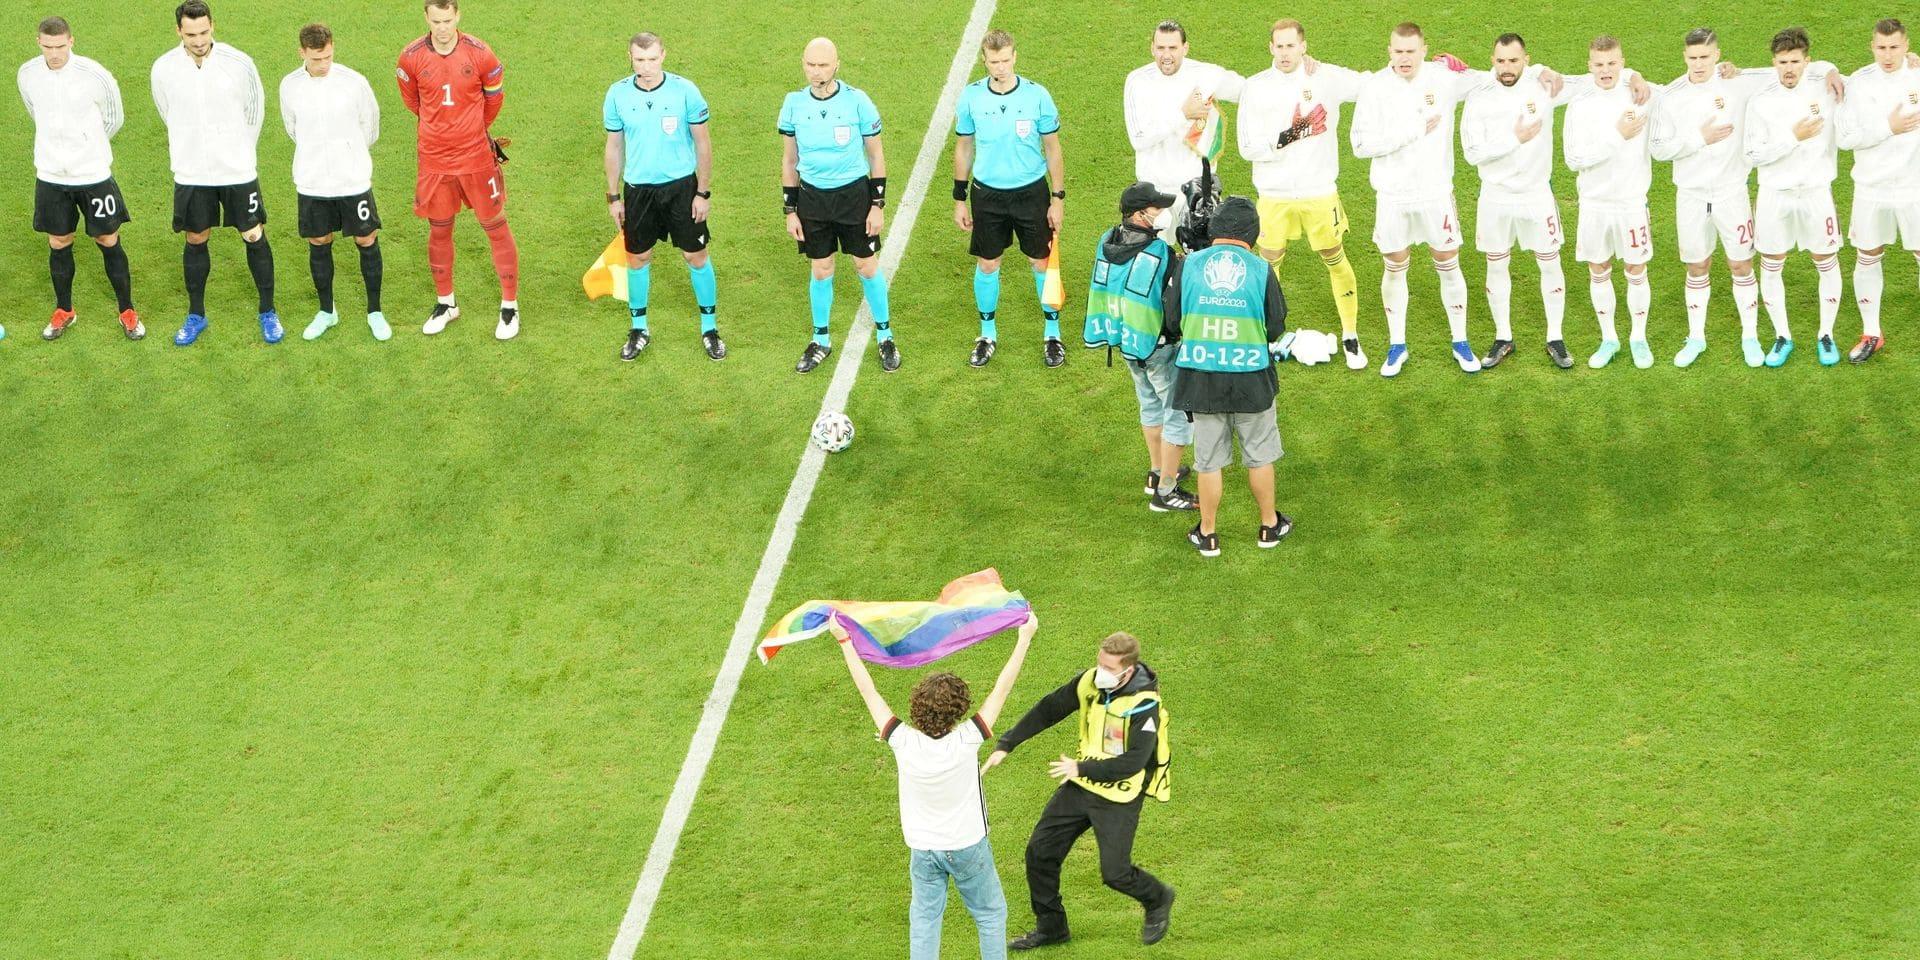 Allemagne-Hongrie: un activiste s'introduit sur le terrain avec un drapeau arc-en-ciel pendant l'hymne hongrois (VIDEO)